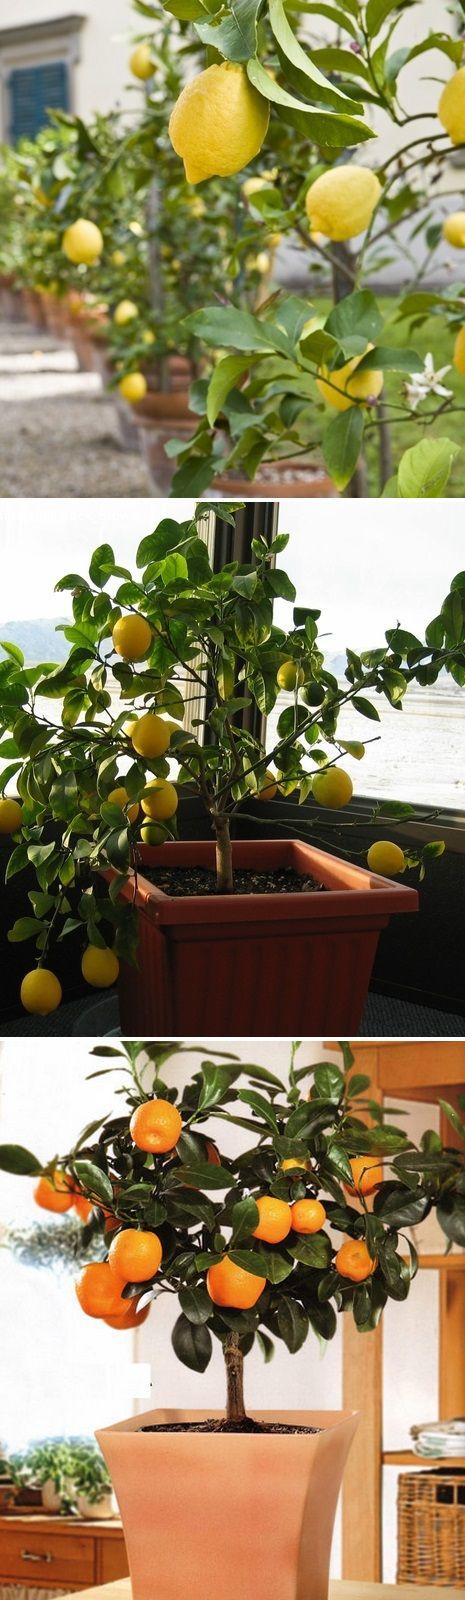 gartenideen im herbst bringen sie ihre topfpflanzen nach drinnen pflanzen g rten und balkon. Black Bedroom Furniture Sets. Home Design Ideas